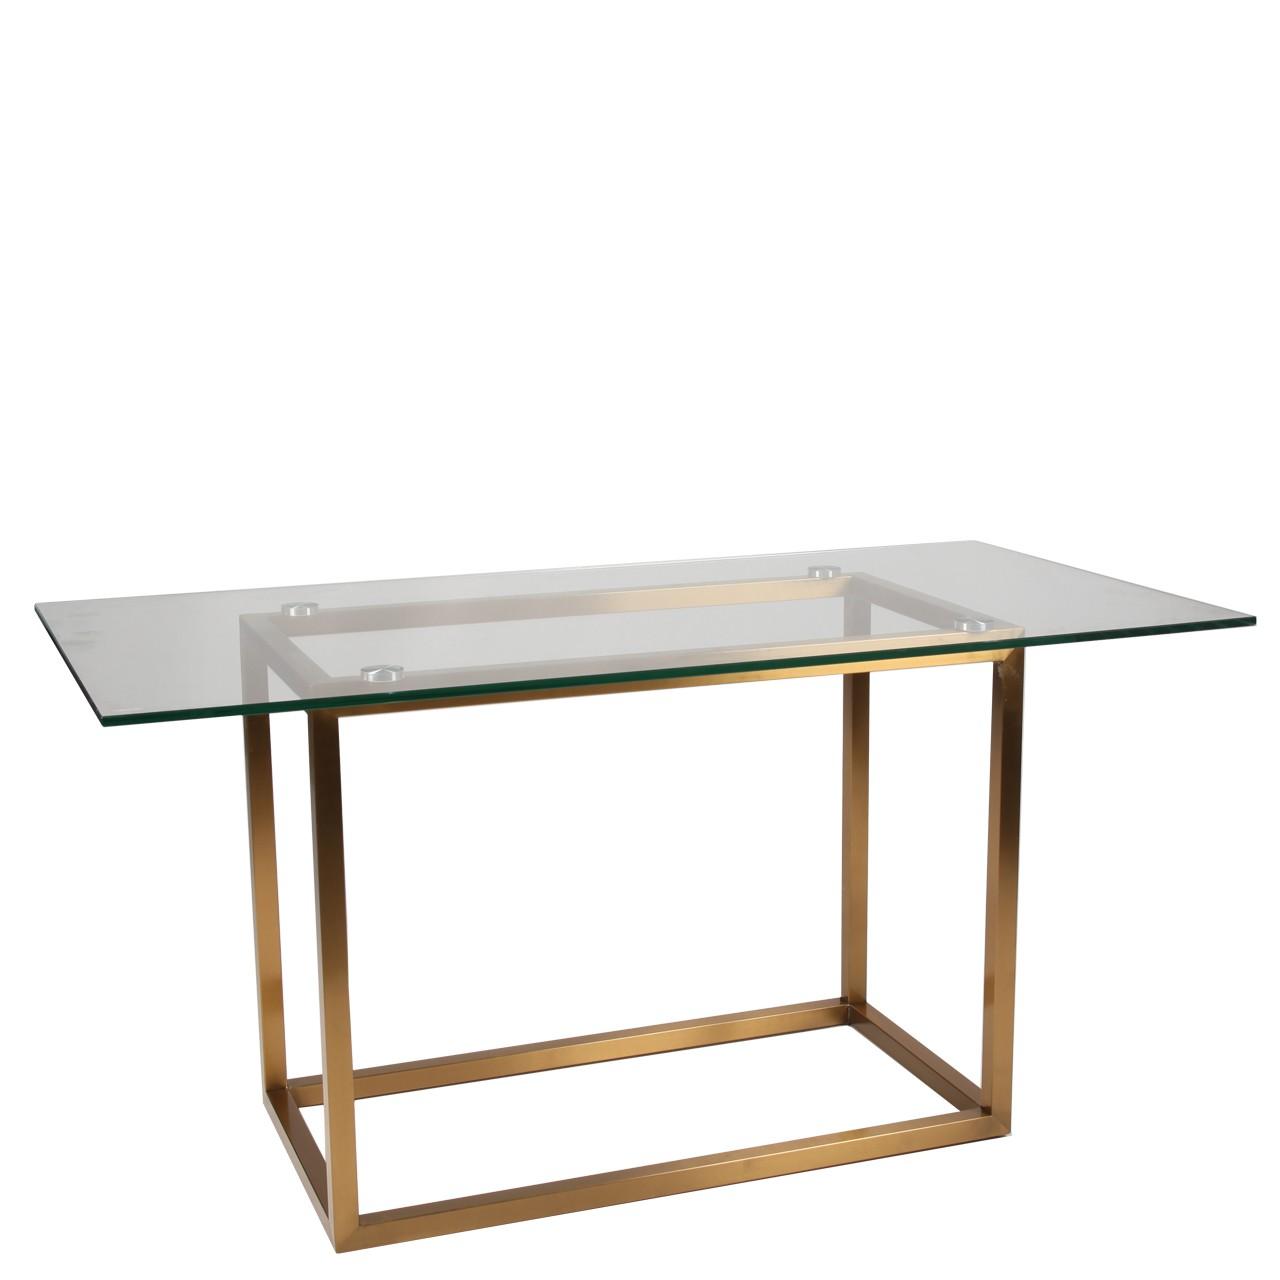 Tisch KASAN 140x70 cm